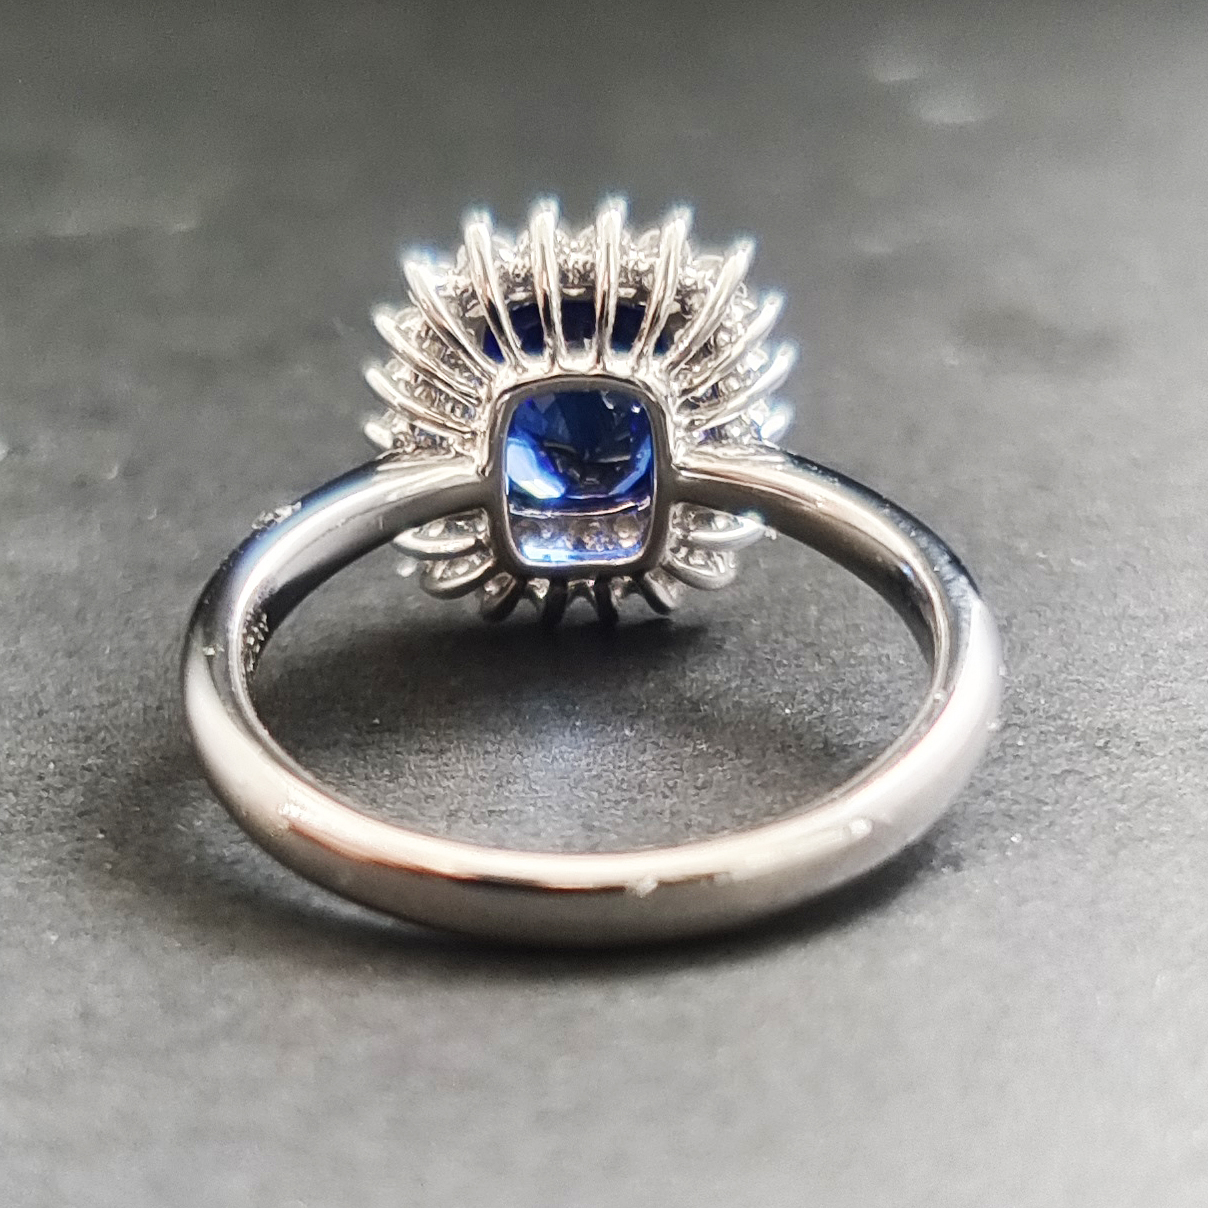 【【戒指】18K金+蓝宝石+钻石 宝石颜色纯正 主石:2.54ct/P 货重:4.74g 手寸:15寸】图6